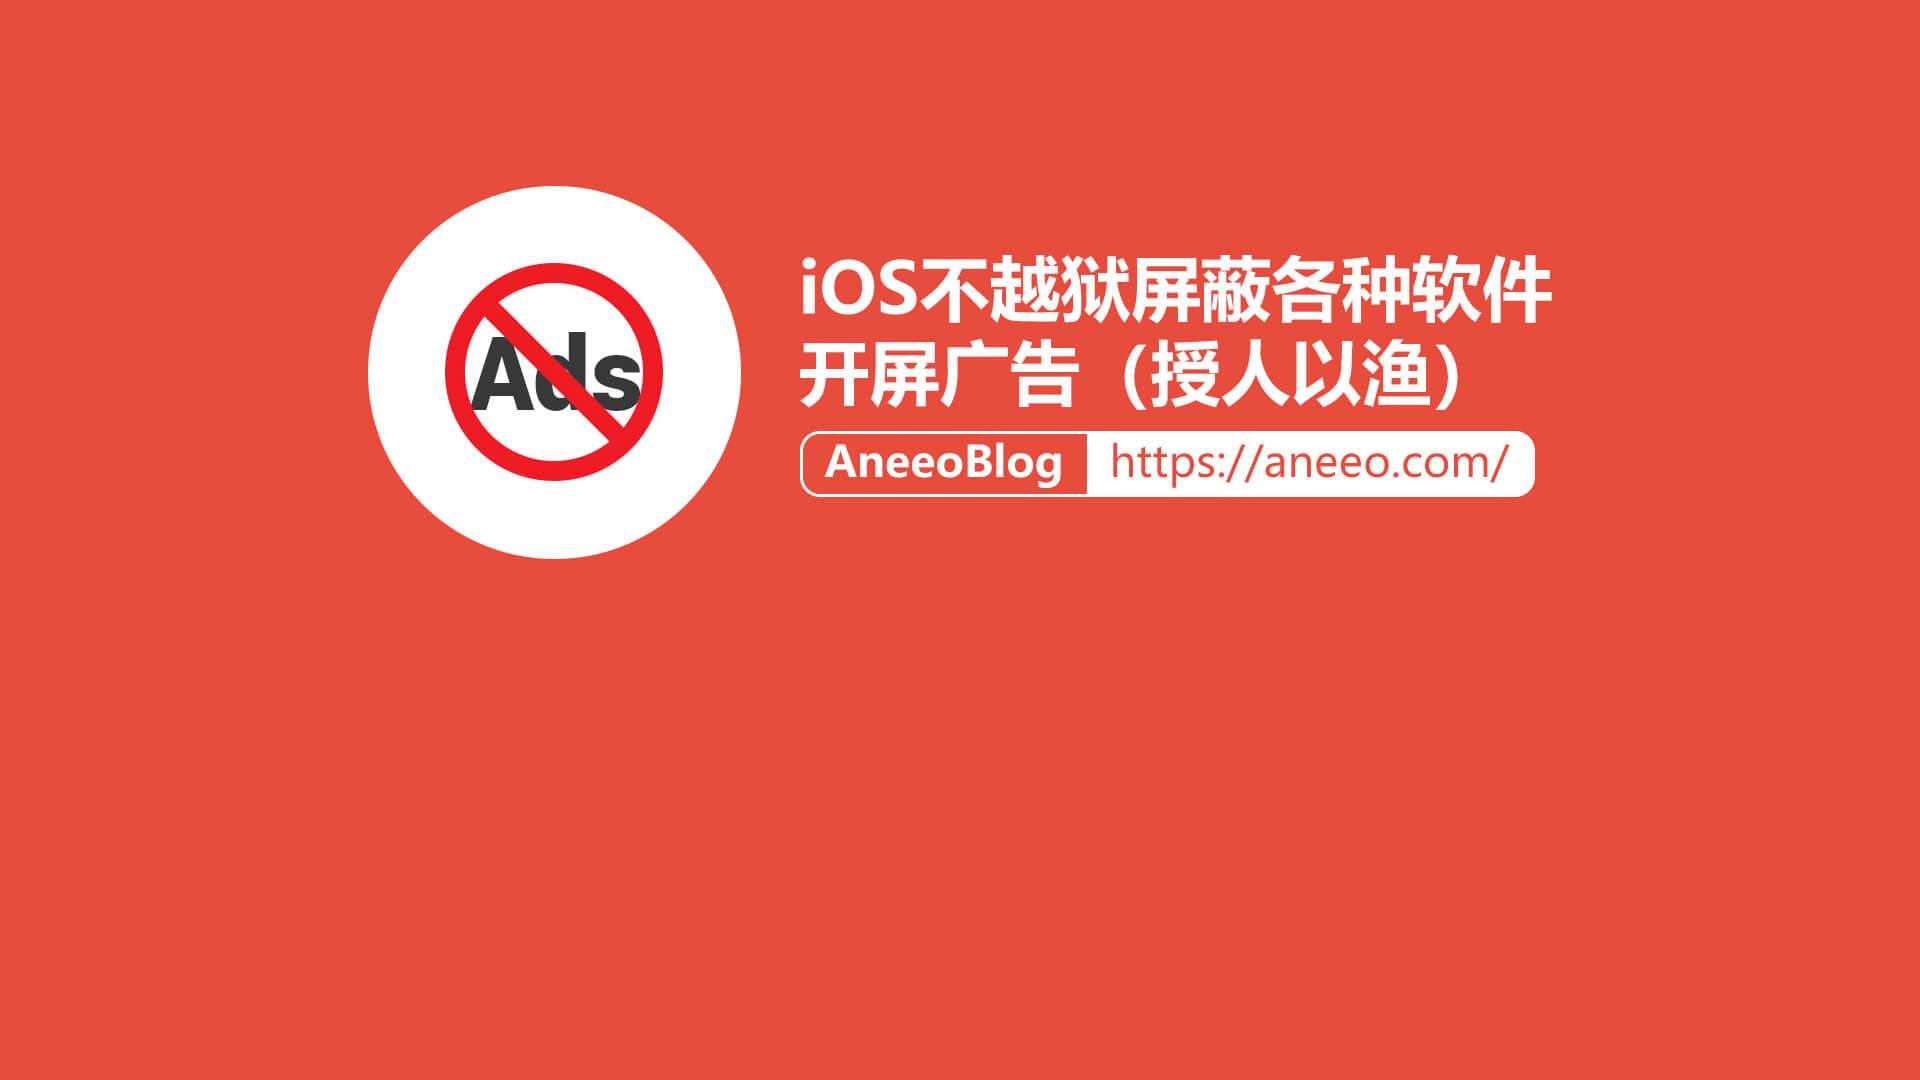 iOS不越狱屏蔽各种软件开屏广告(授人以渔)